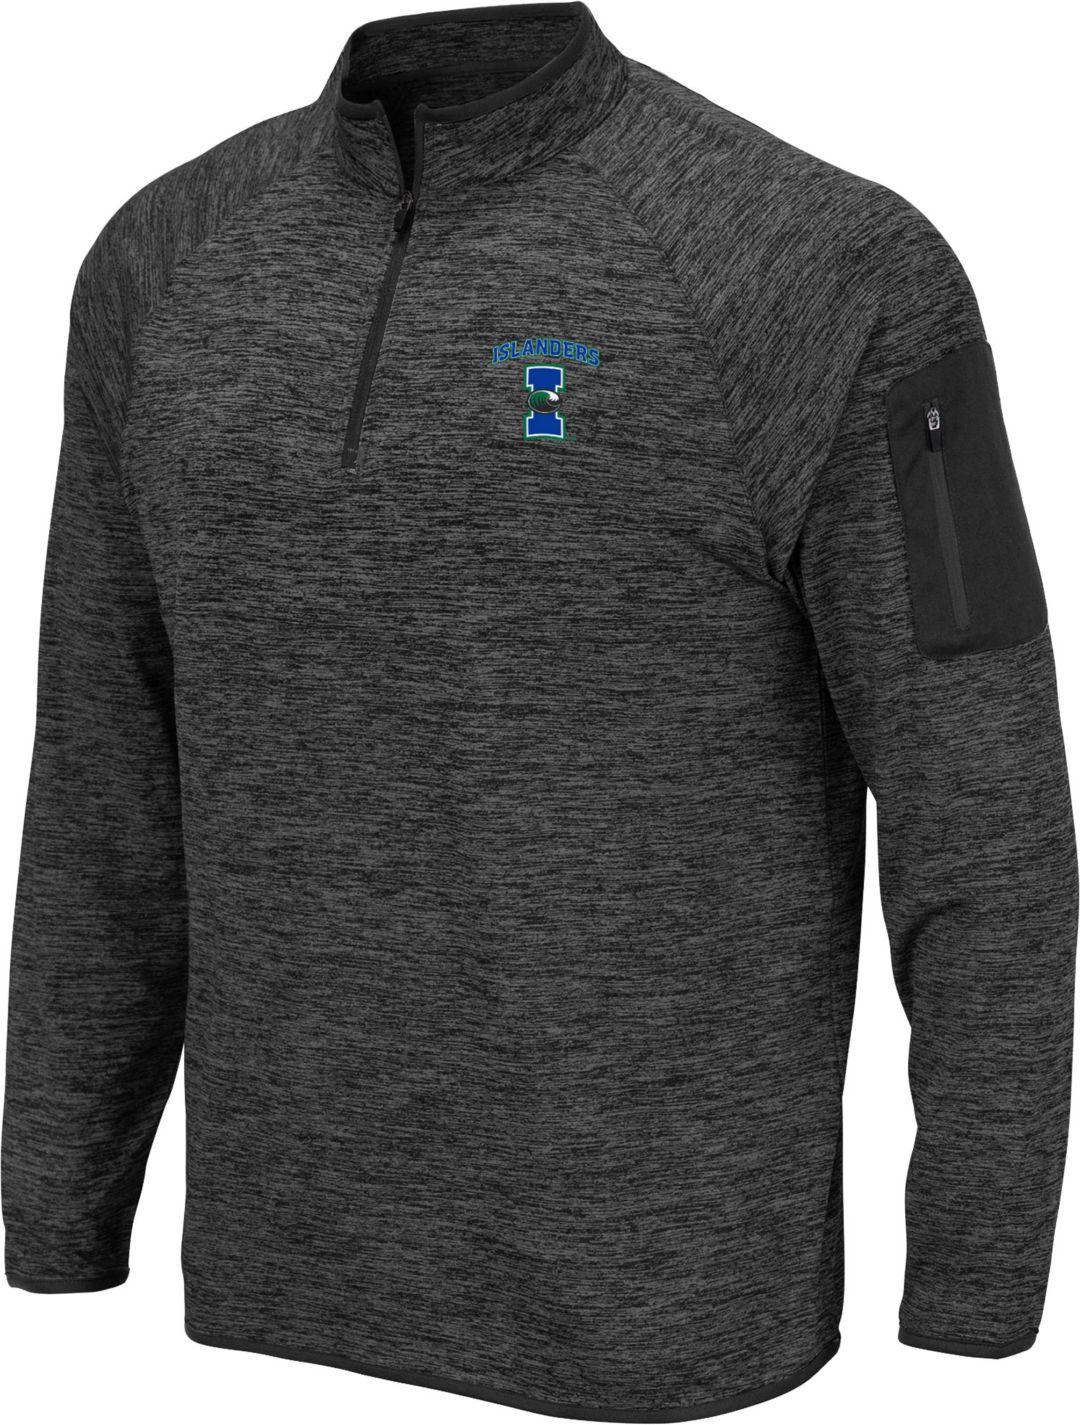 cheap for discount 140b8 2e2a9 Colosseum Men's Texas A&M- Corpus Christi Islanders Grey Quarter-Zip Shirt